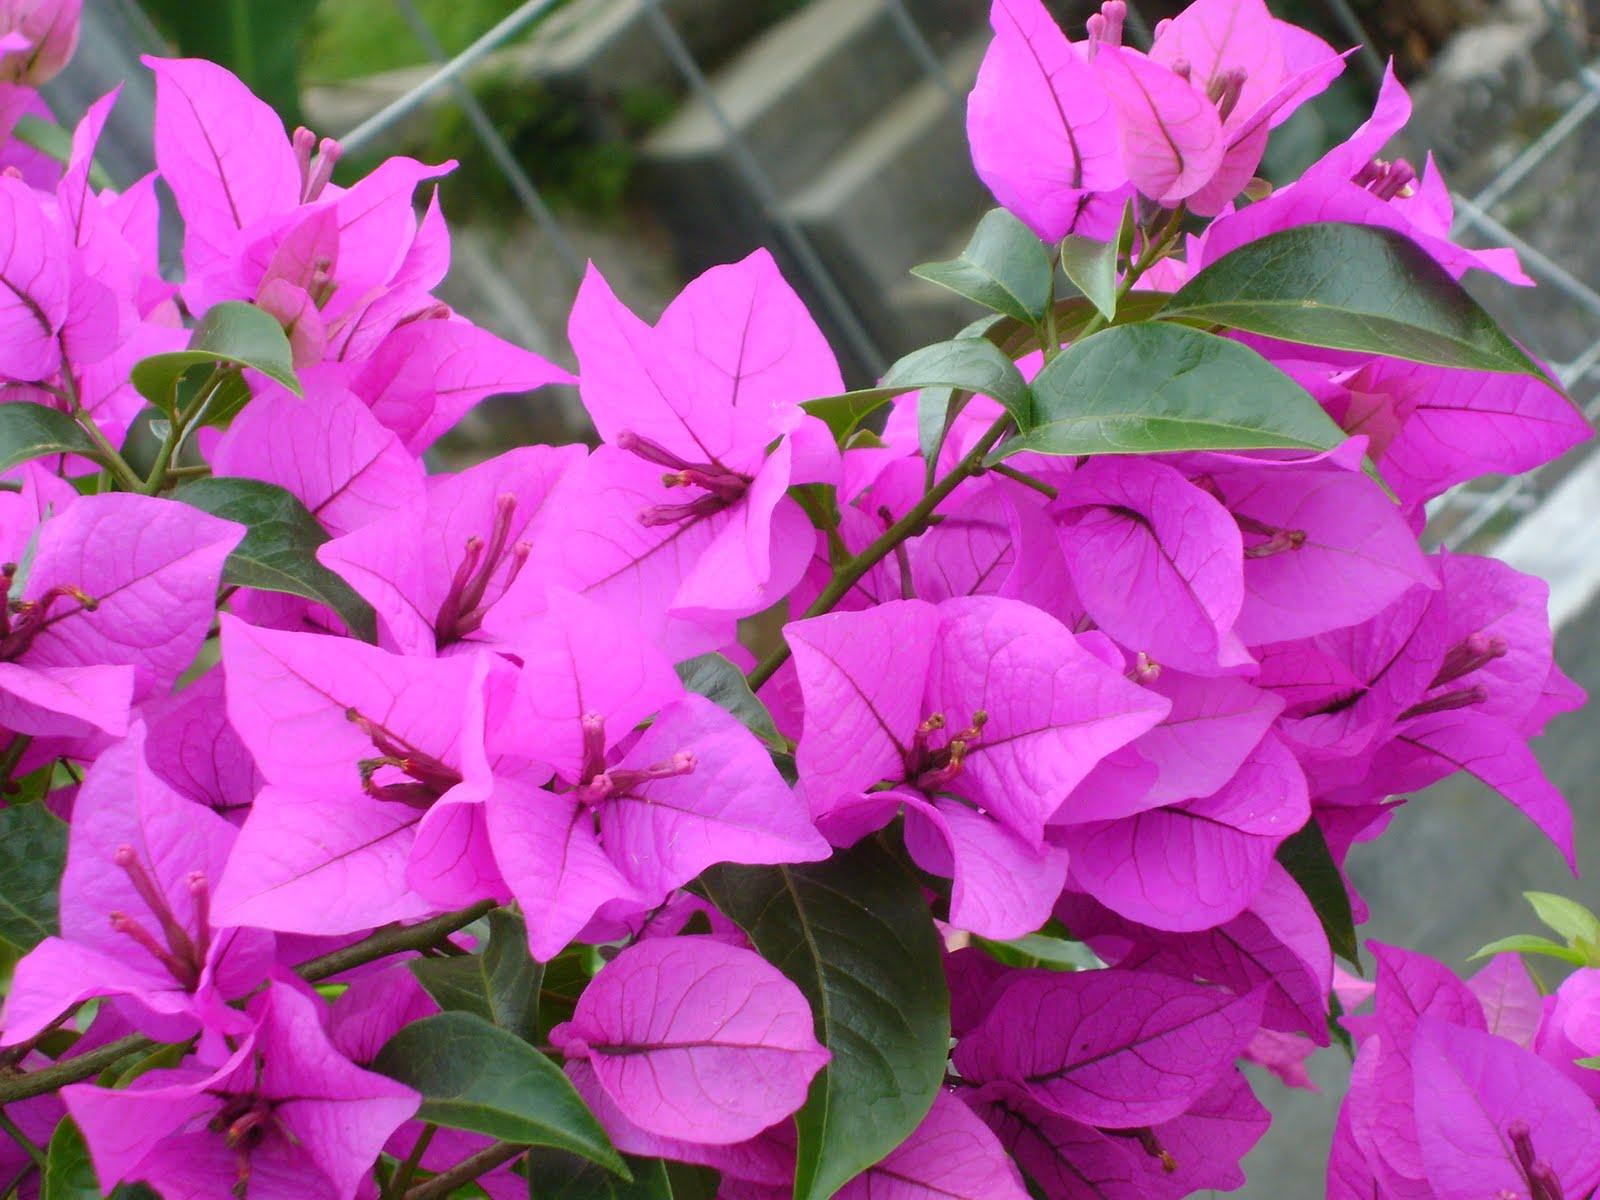 Populer 34 Gambar Bunga Kertas